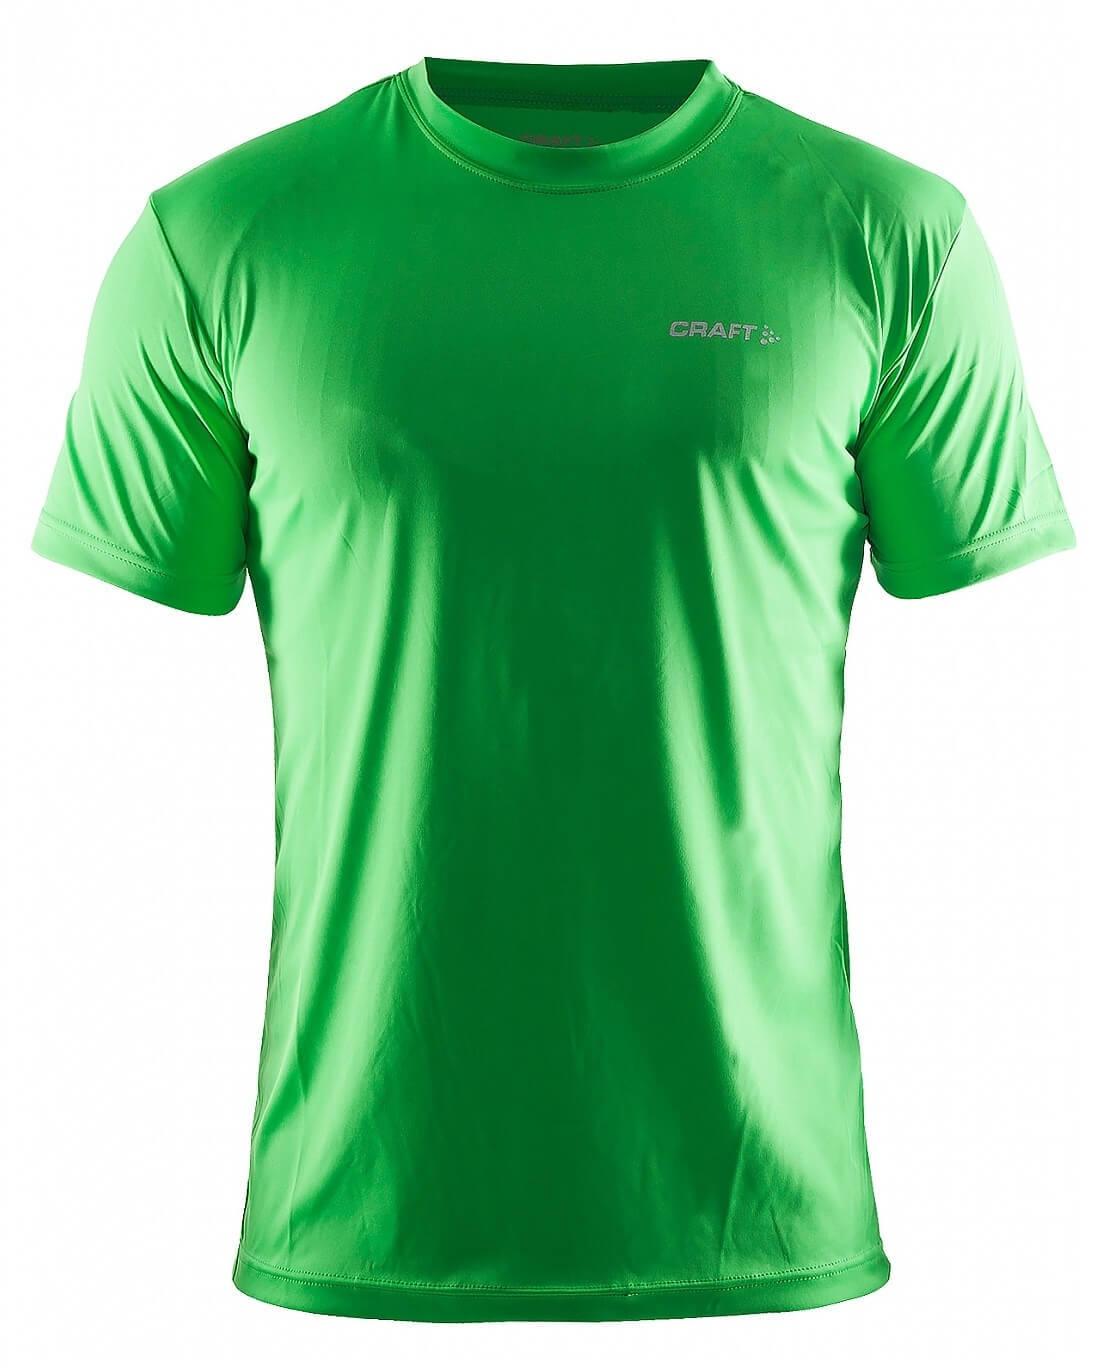 Мужская спортивная футболка Craft Active (199205-1606) зеленая   Five-sport.ru